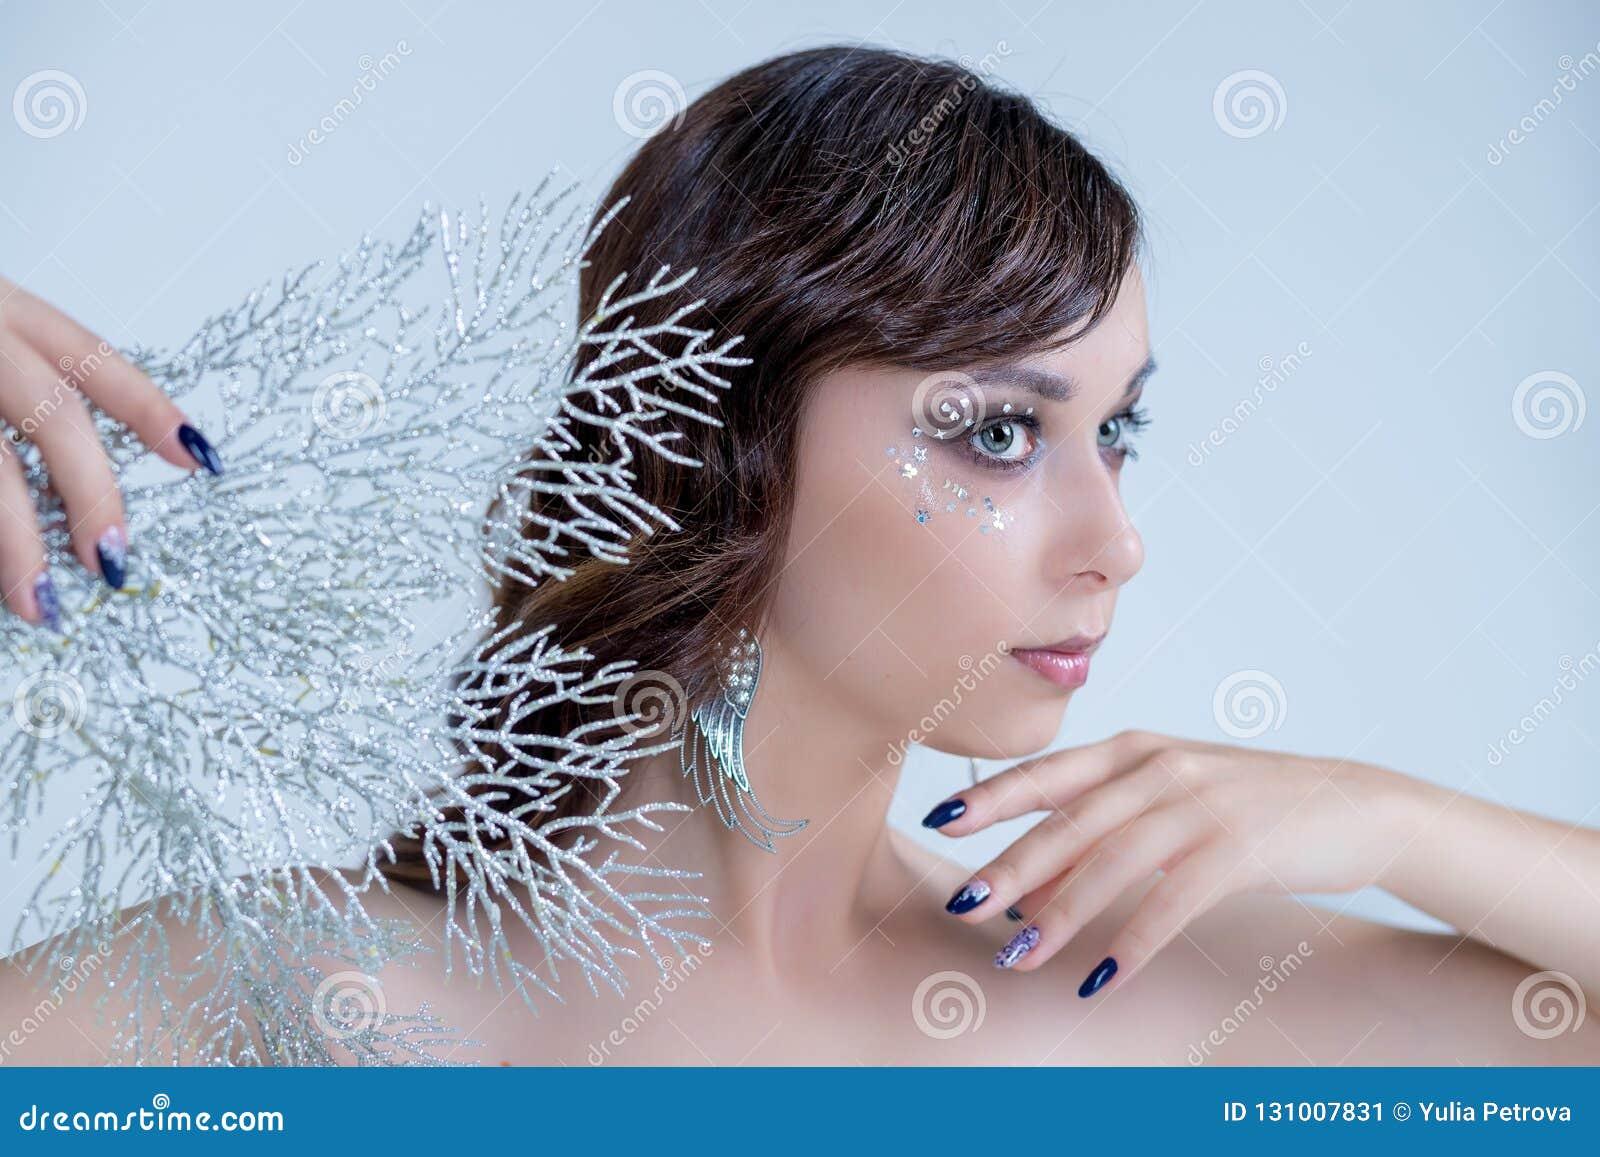 创造性的银色艺术性的构成的年轻女人 神仙的冰女王/王后典雅的姿势,银色和白色分支,不可思议的冬天